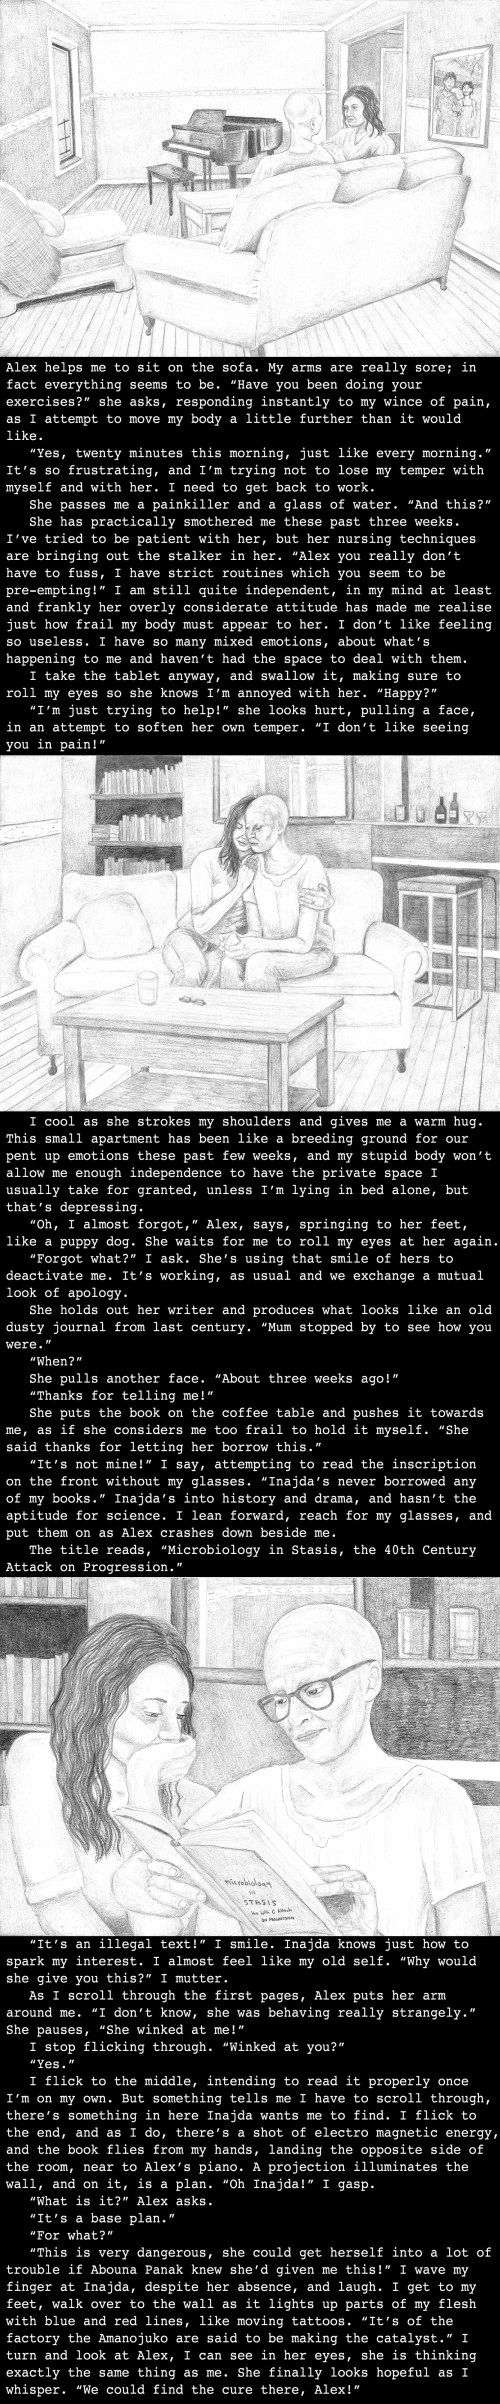 Katherine's backstory set in Saskatoon military base, India (3990)